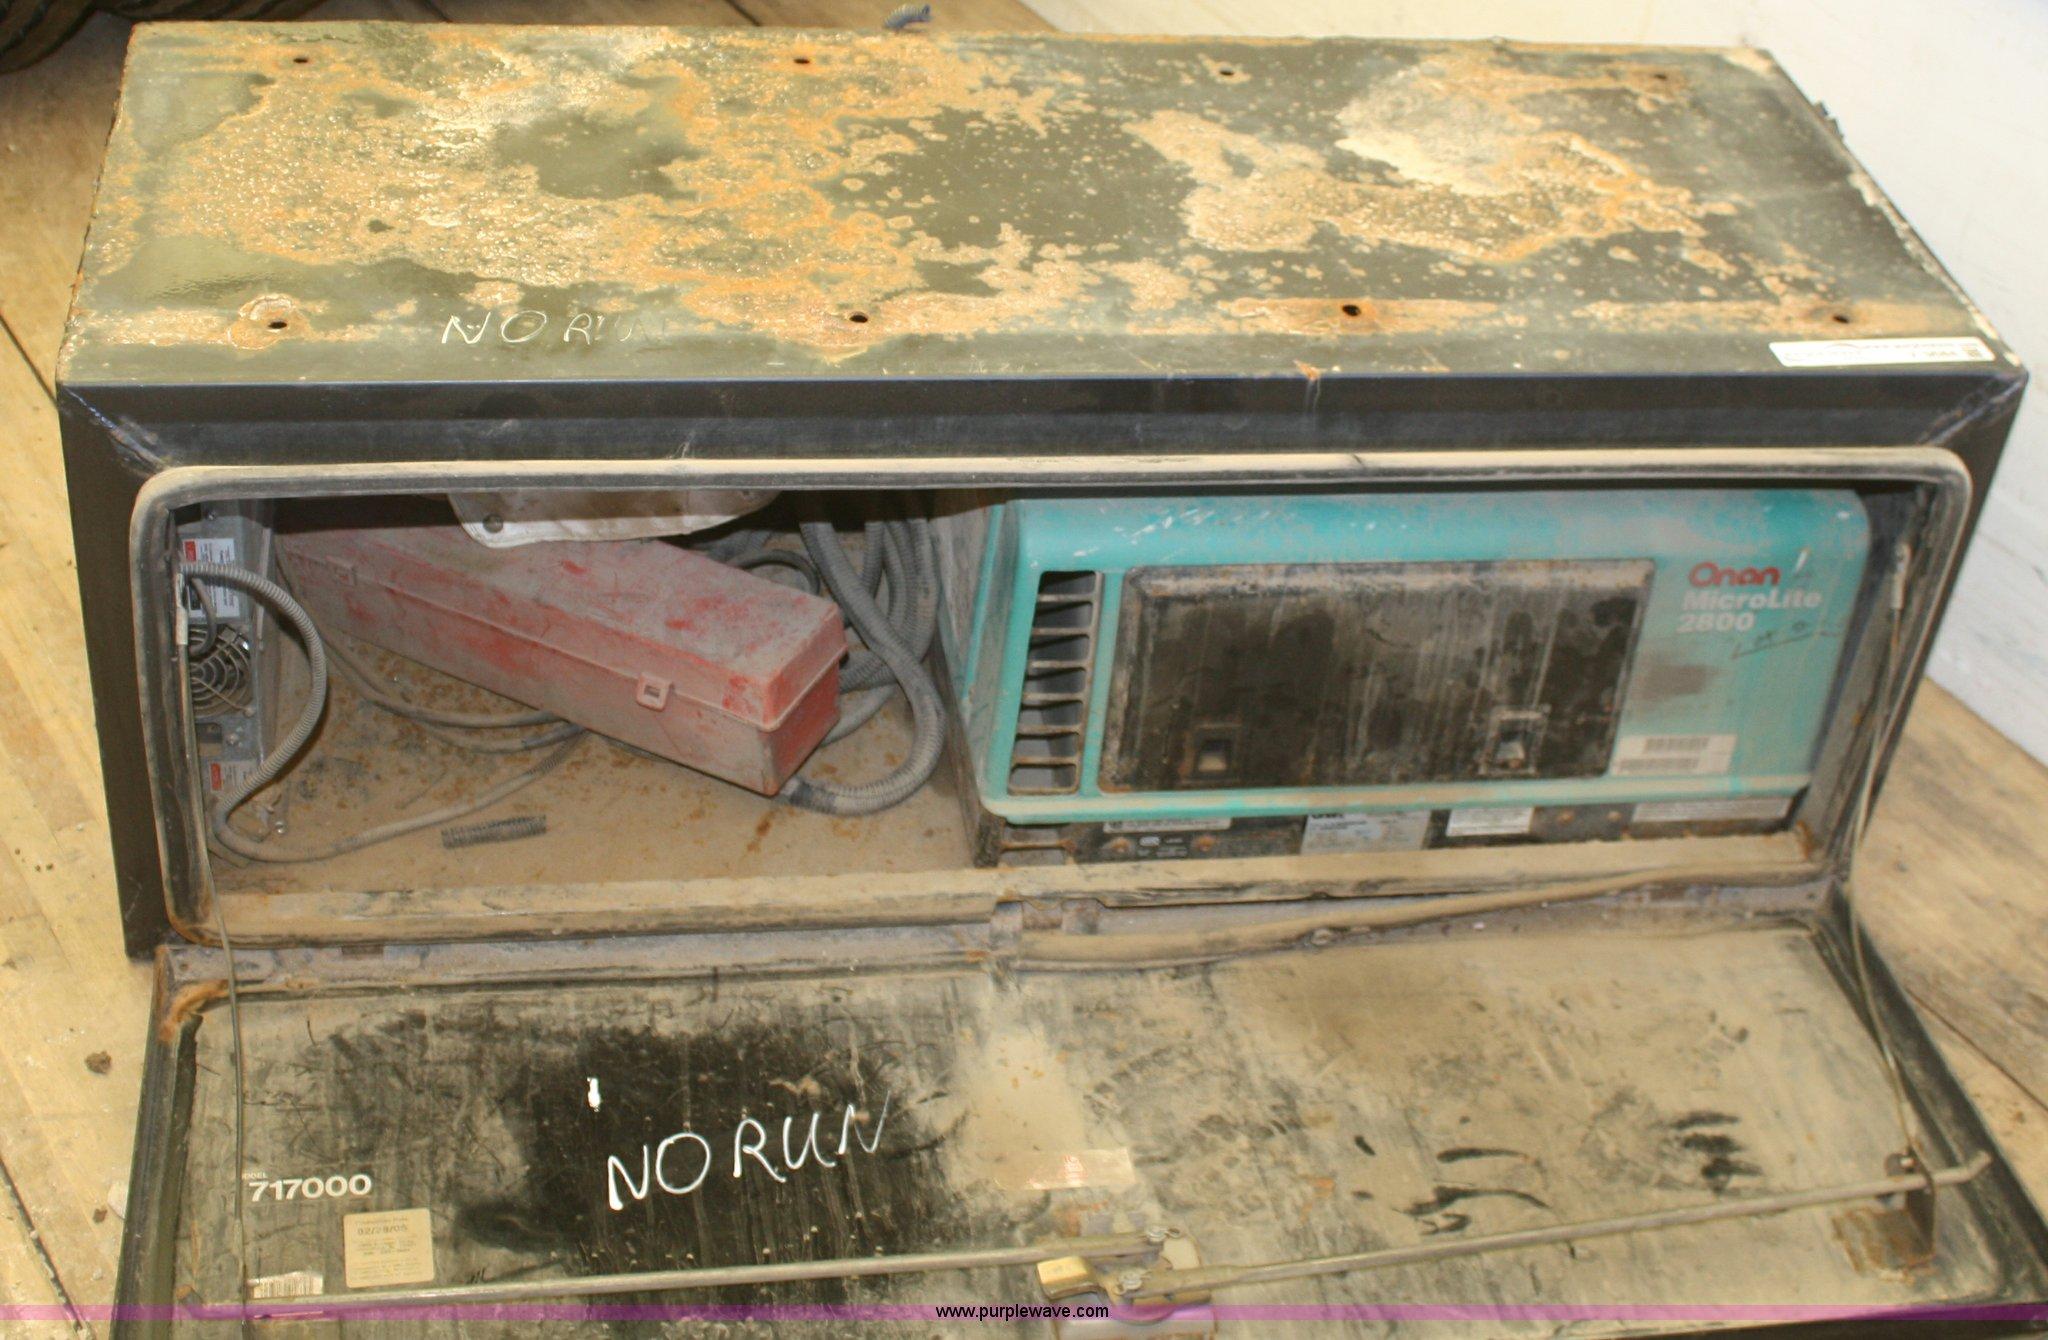 Onan Microlite 2800 generator | Item V9684 | SOLD! April 17